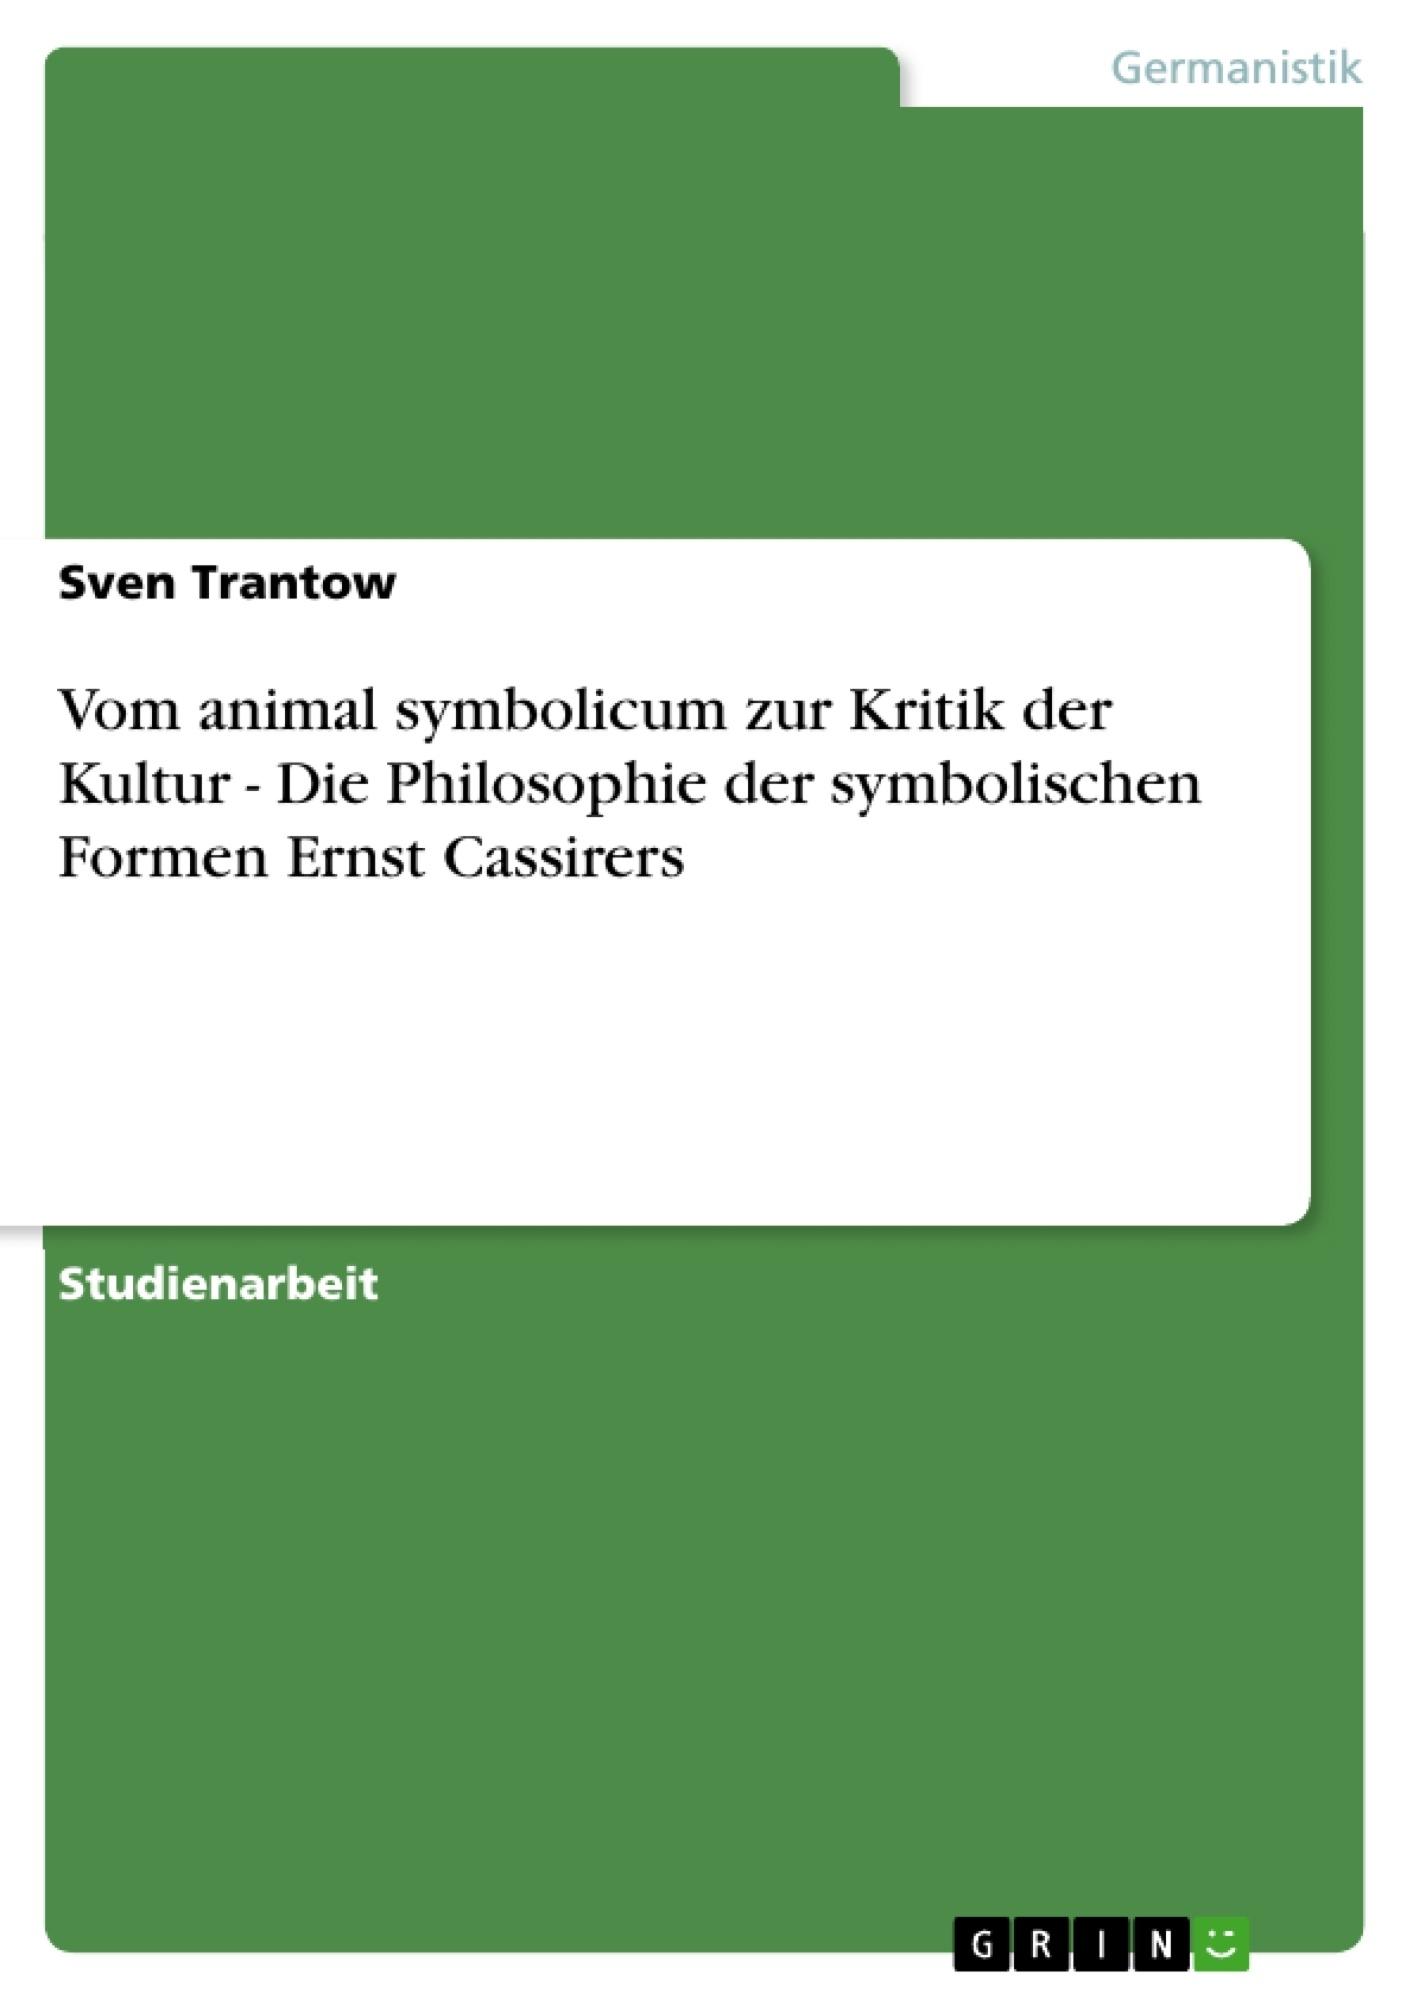 Titel: Vom animal symbolicum zur Kritik der Kultur - Die Philosophie der symbolischen Formen Ernst Cassirers